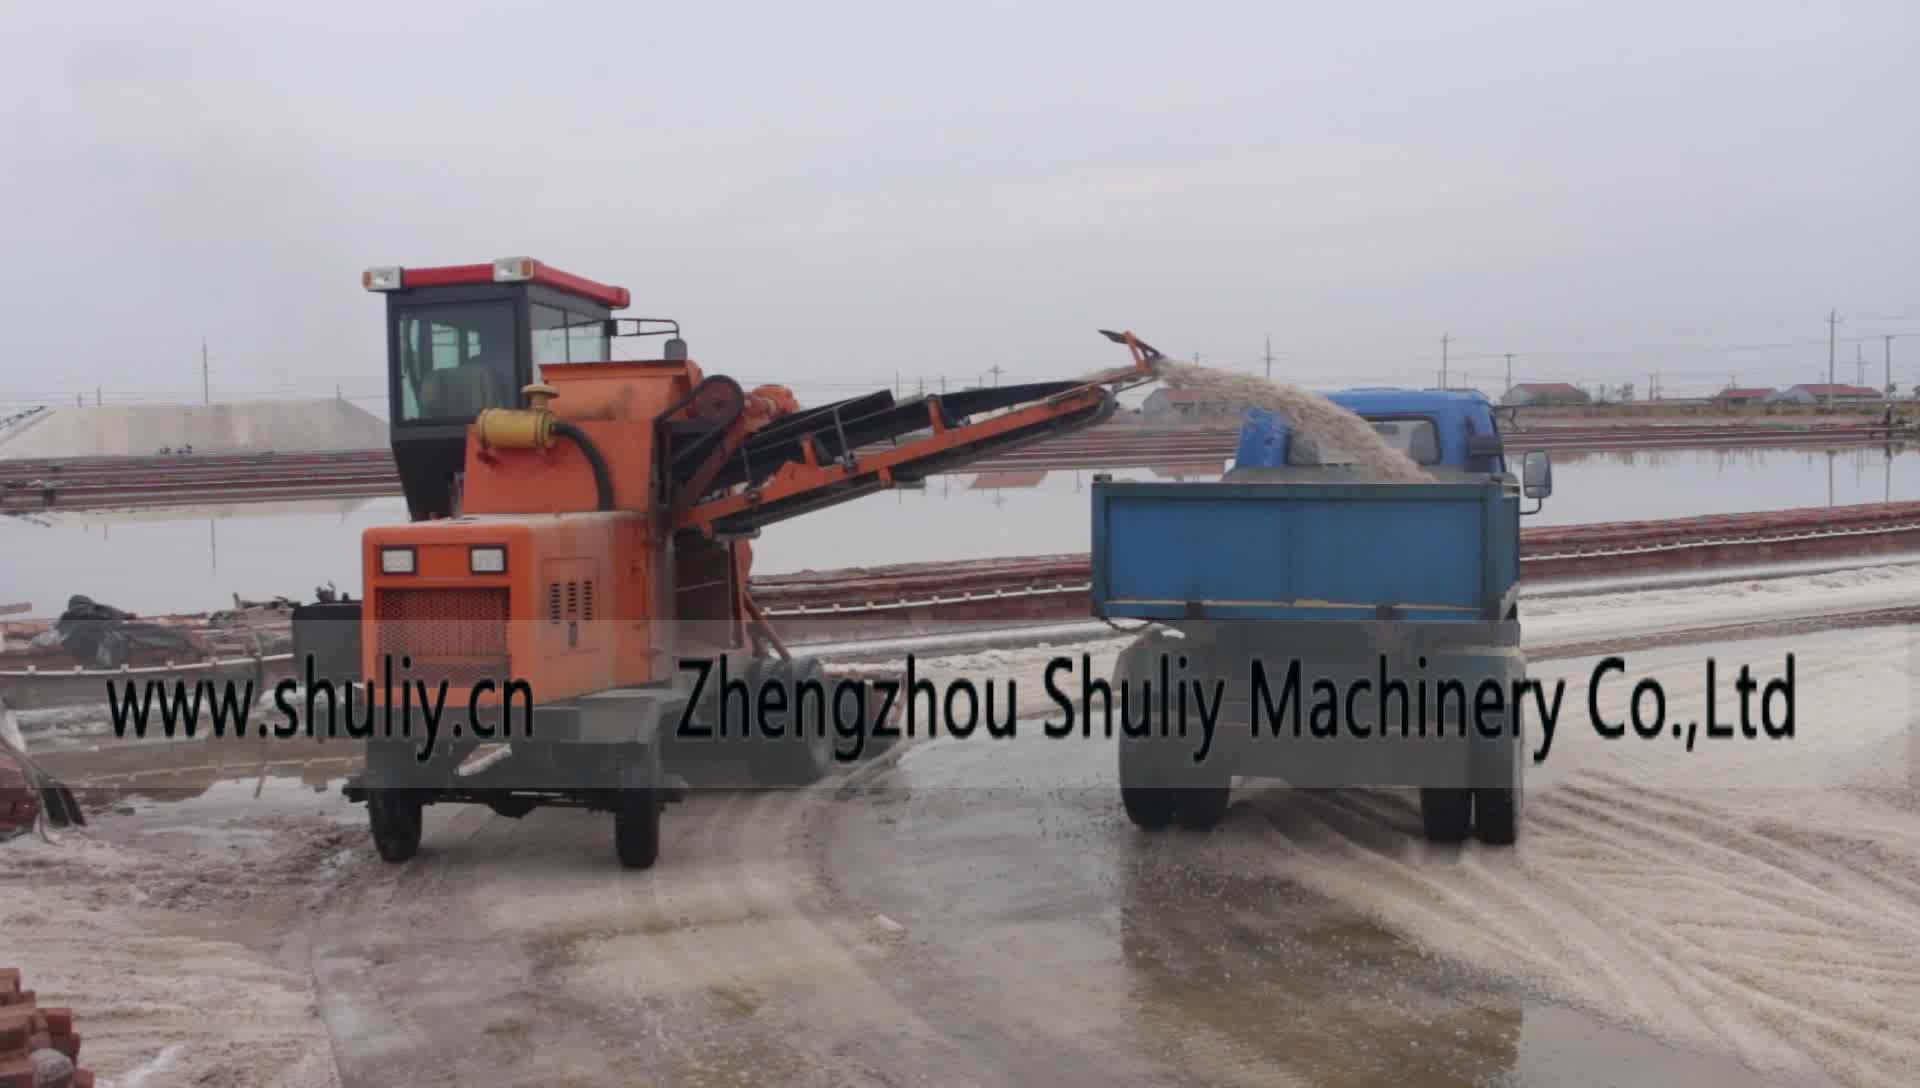 Shuliy sal máquinas para la cosecha de sal de mar crusher y cosechadora de sal de mar combinar recoger máquina